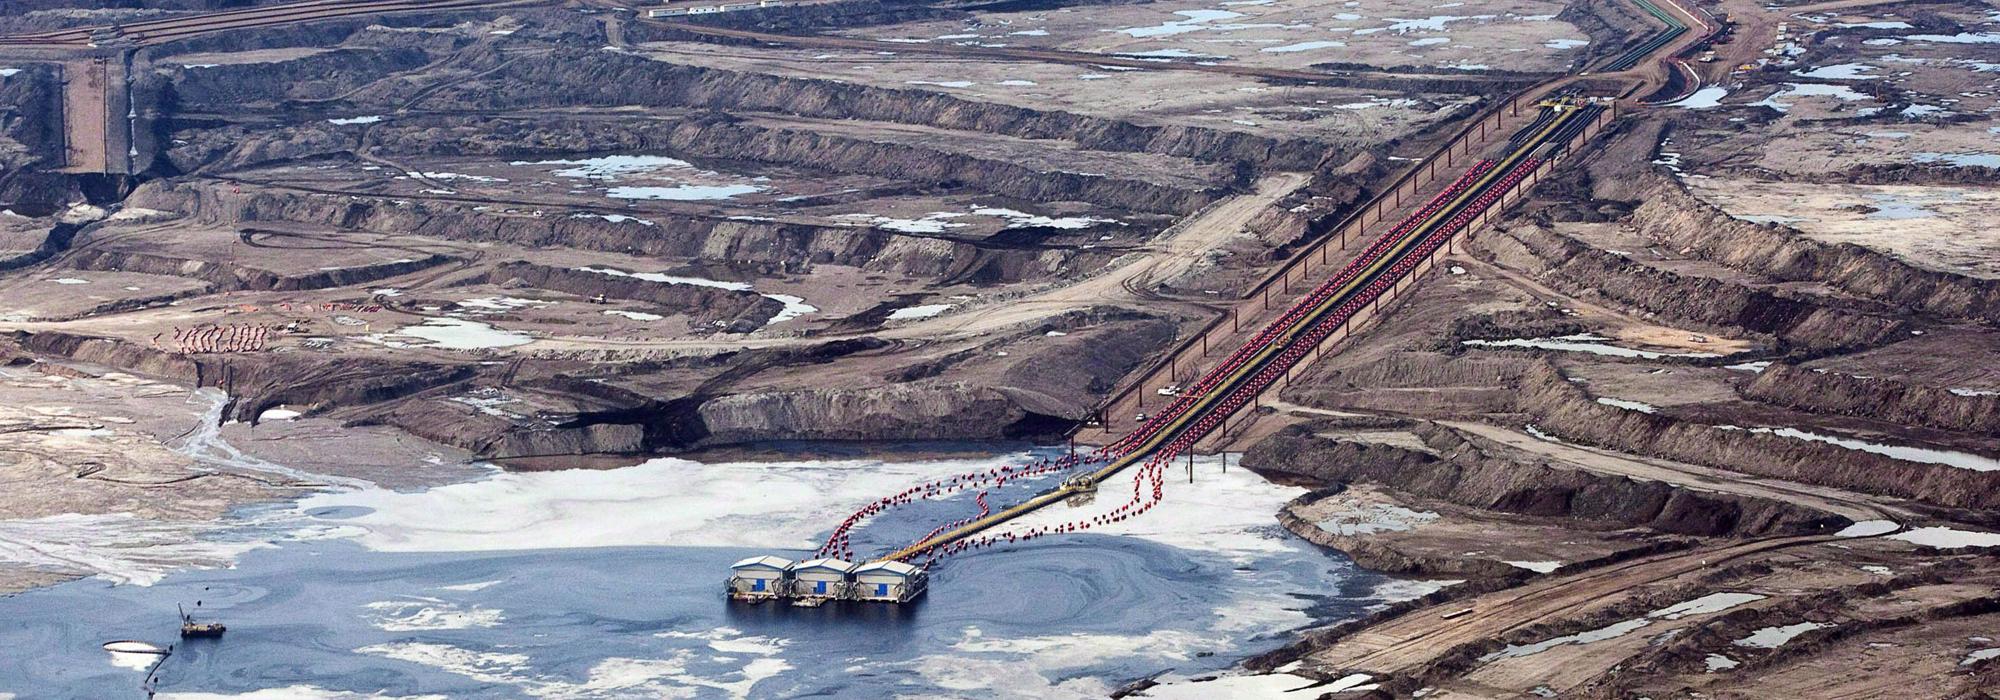 Canada's carbon leak problem